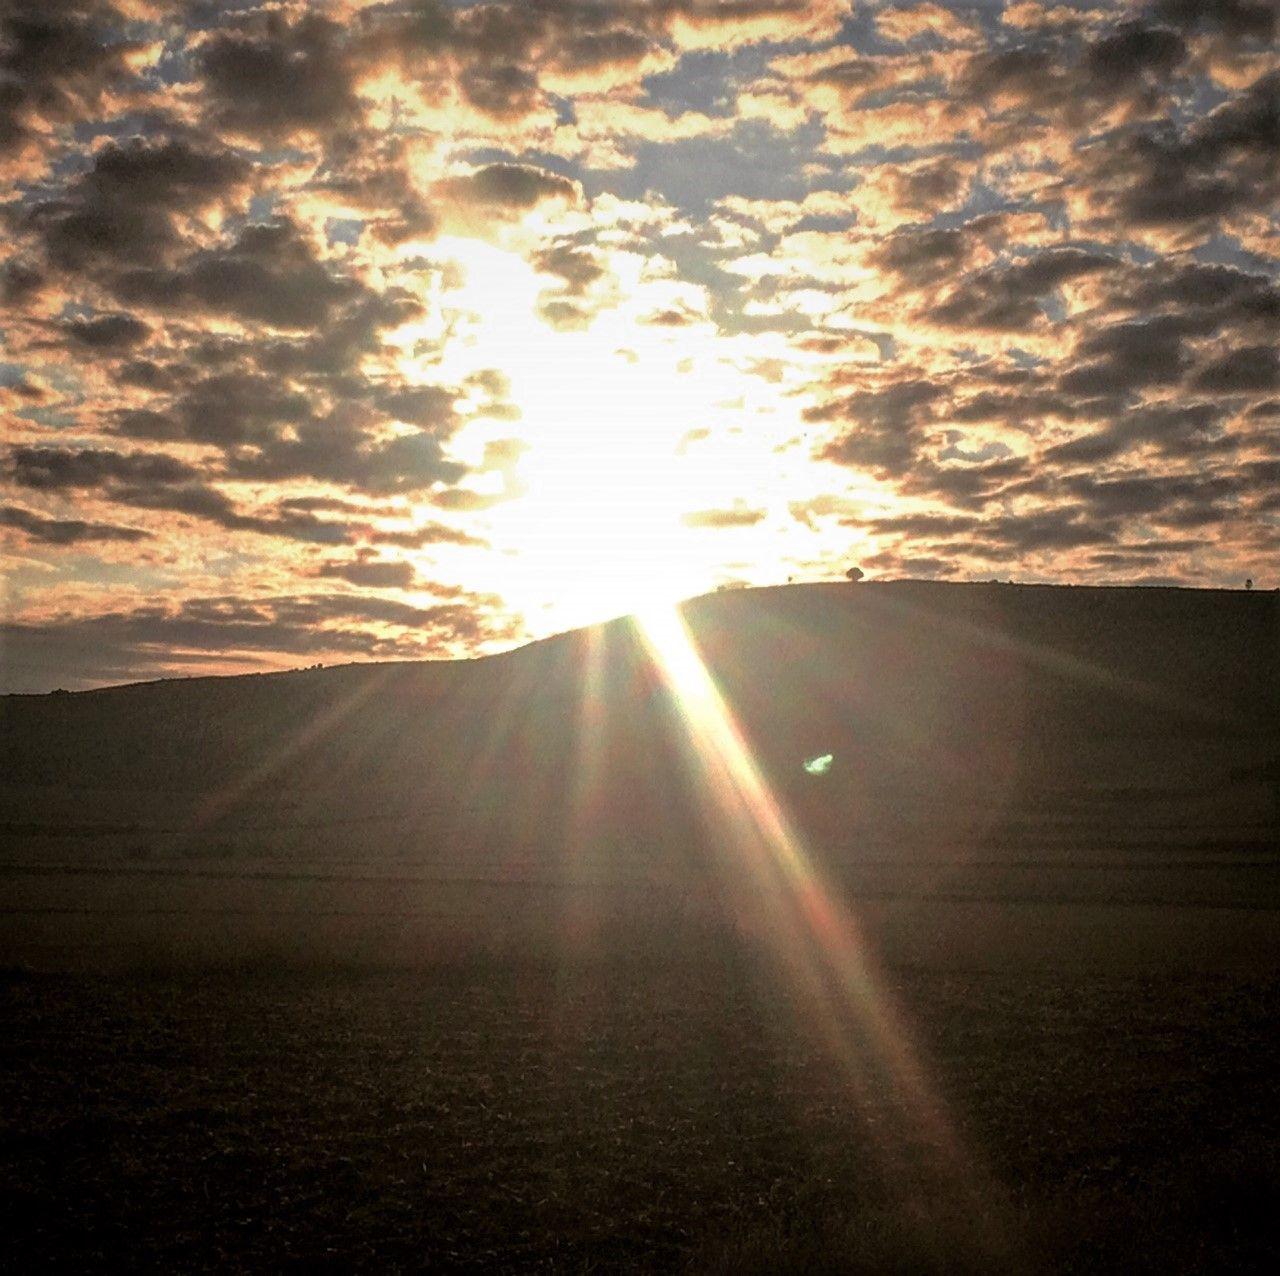 Amanecer Bélico Entre El Sol Y Las Nubes En Campos De Castilla Quién Reinará Hoy En El Universo De 4 Villas De Amaya Campos De Castilla Viajes Nubes